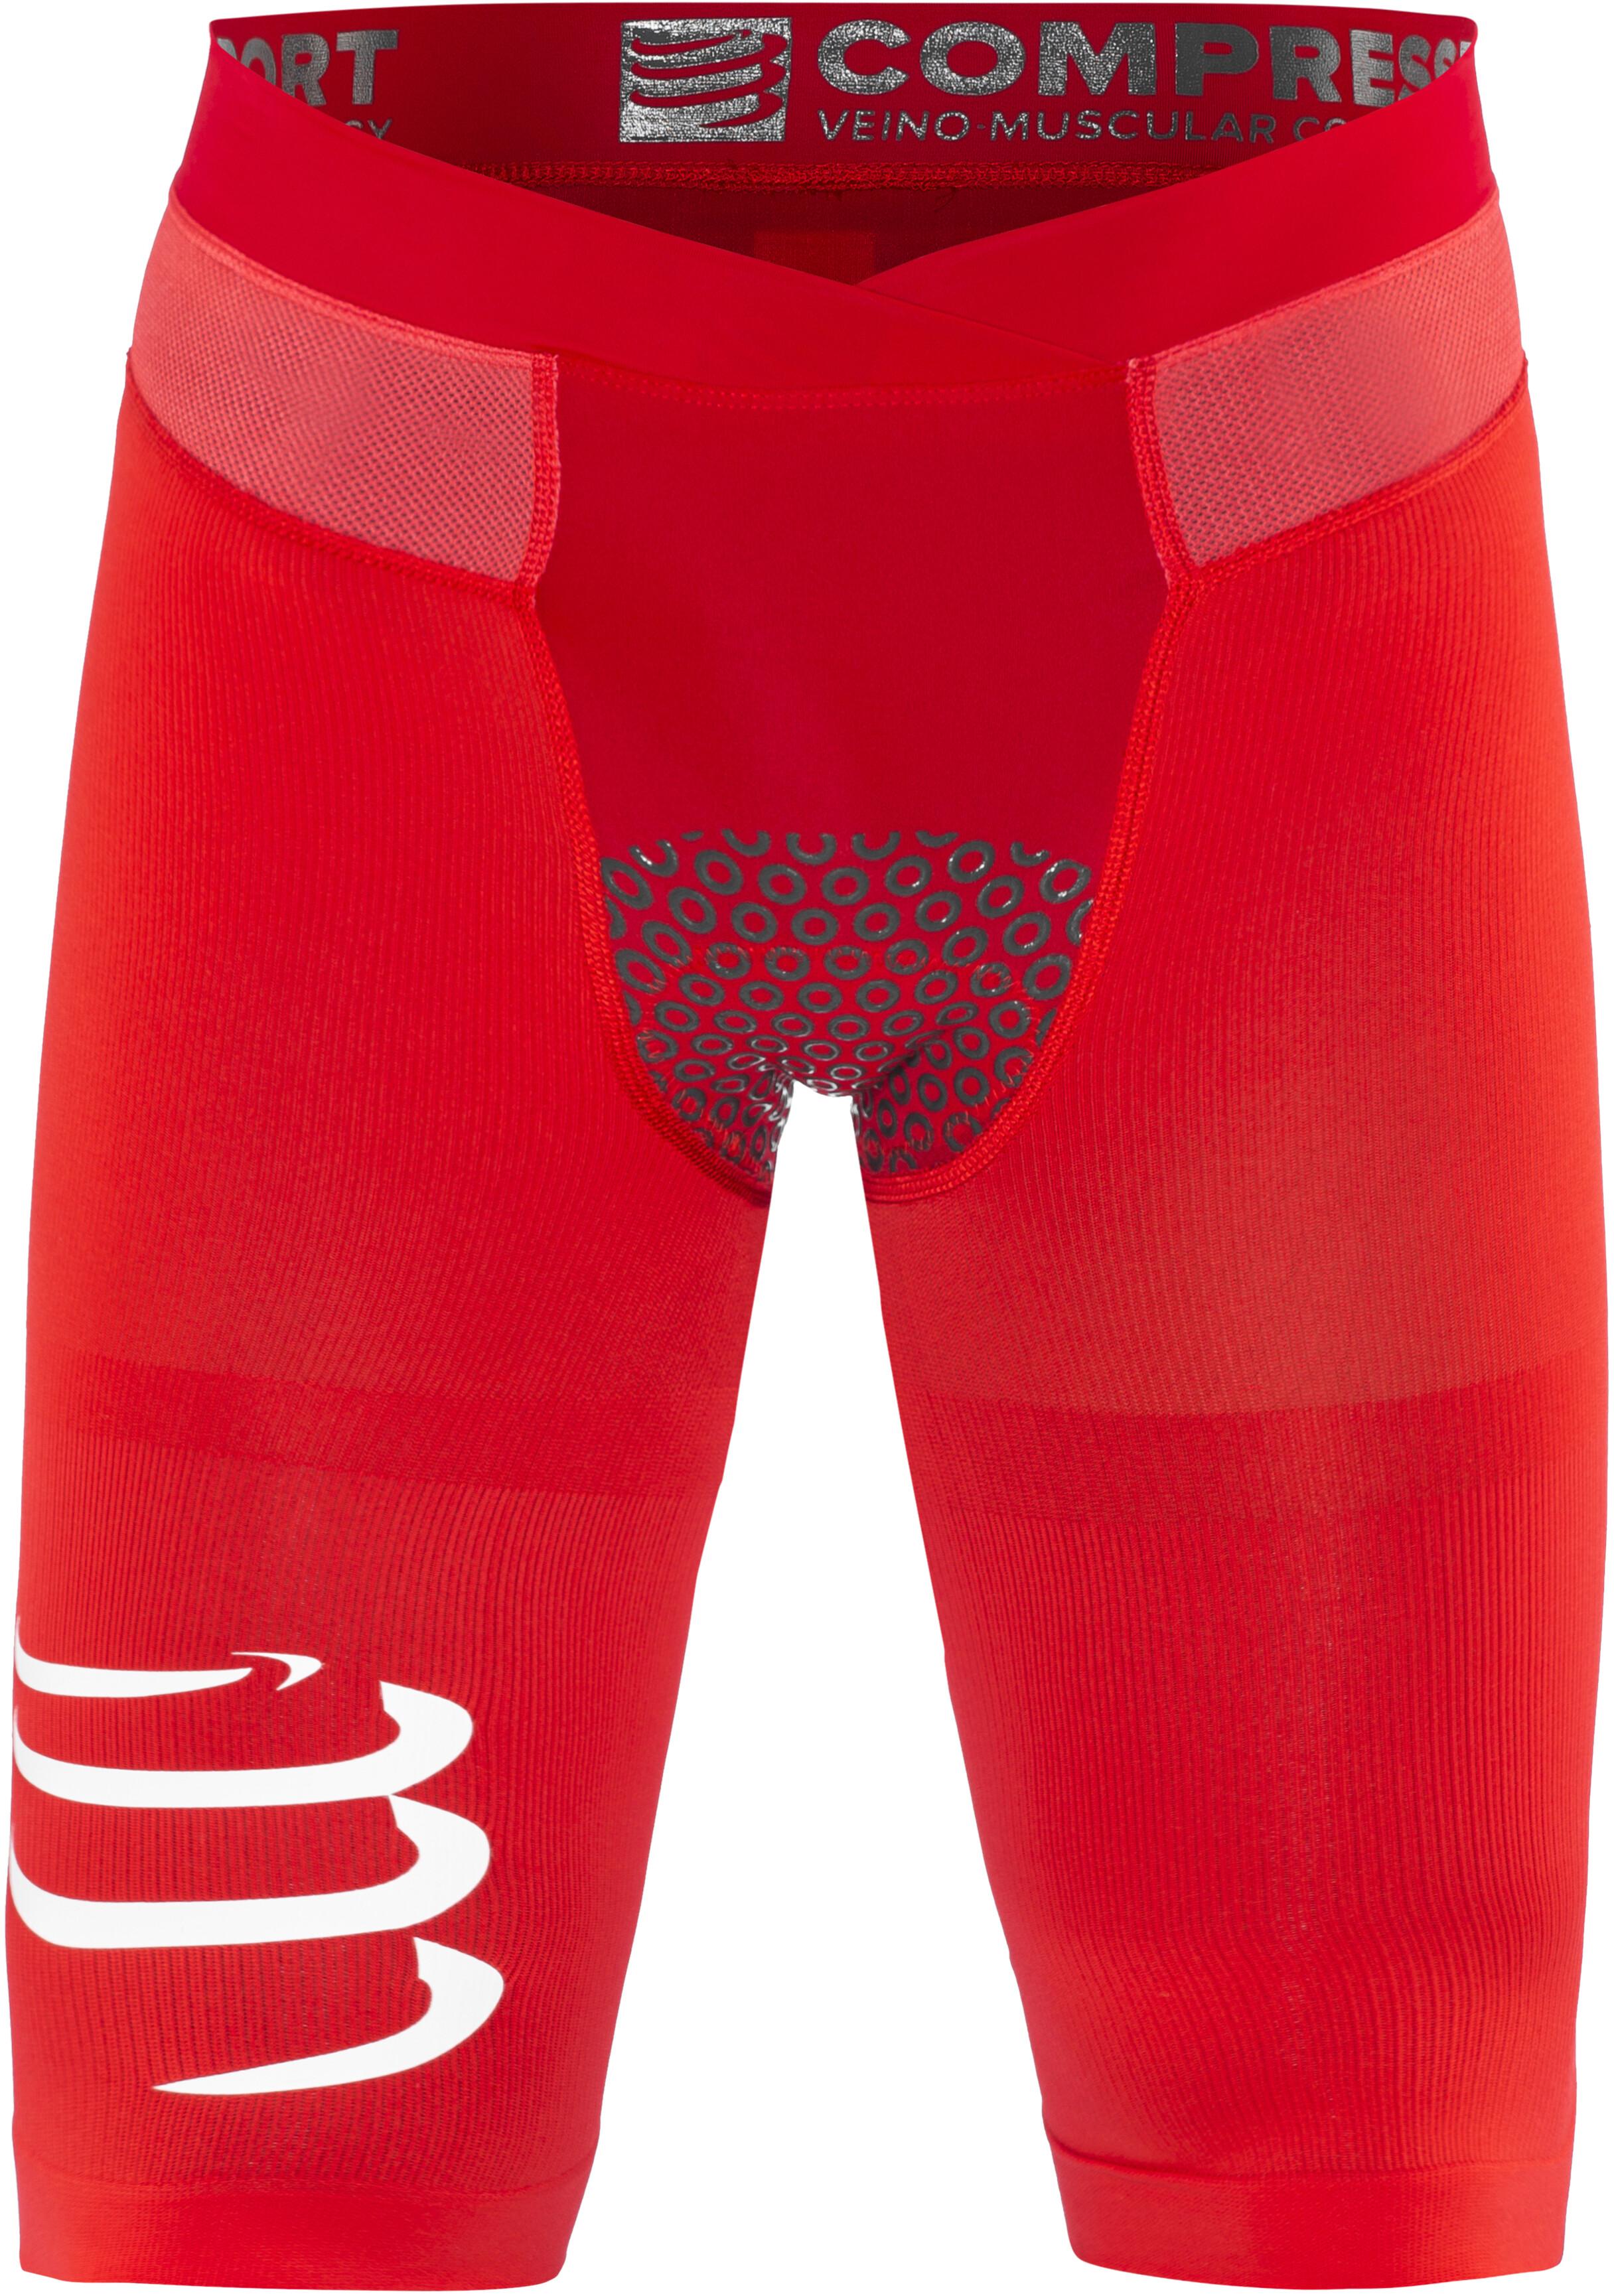 2b41d61651 Compressport TR3 Brutal V2 - Hombre - rojo